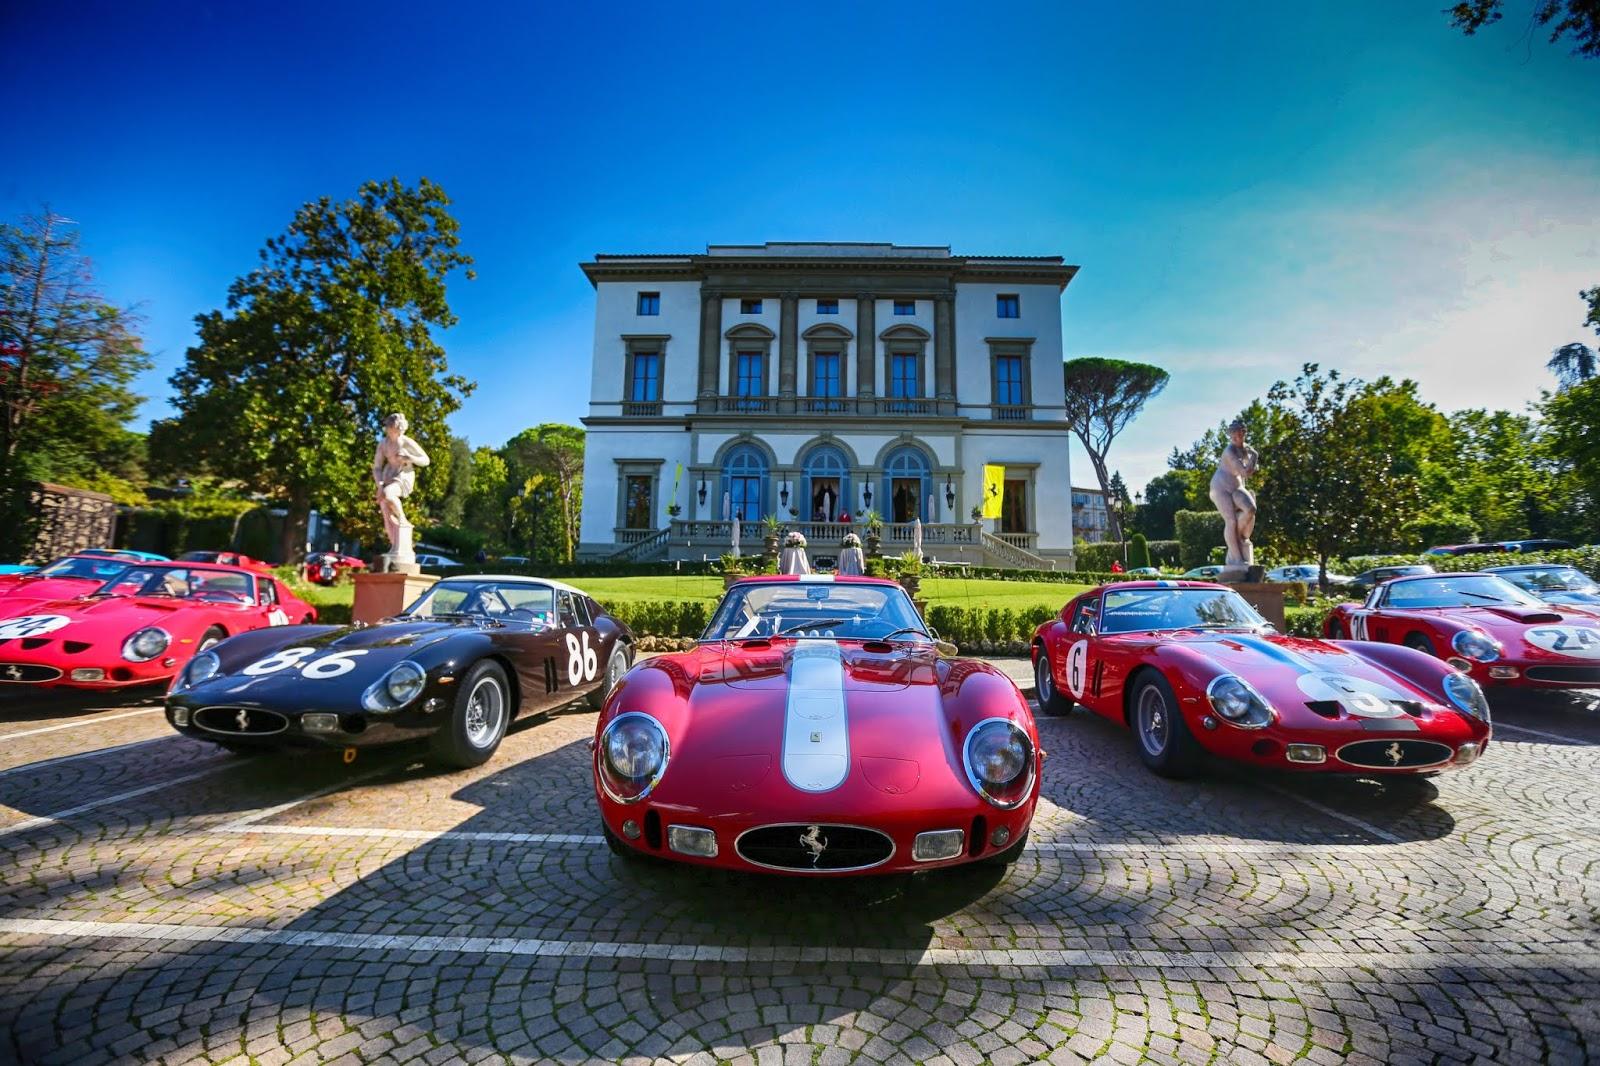 170873 gto cavalcade Το road rally των 250 GTO 250, Ferrari, Ferrari 250 GTO, GTO, zblog